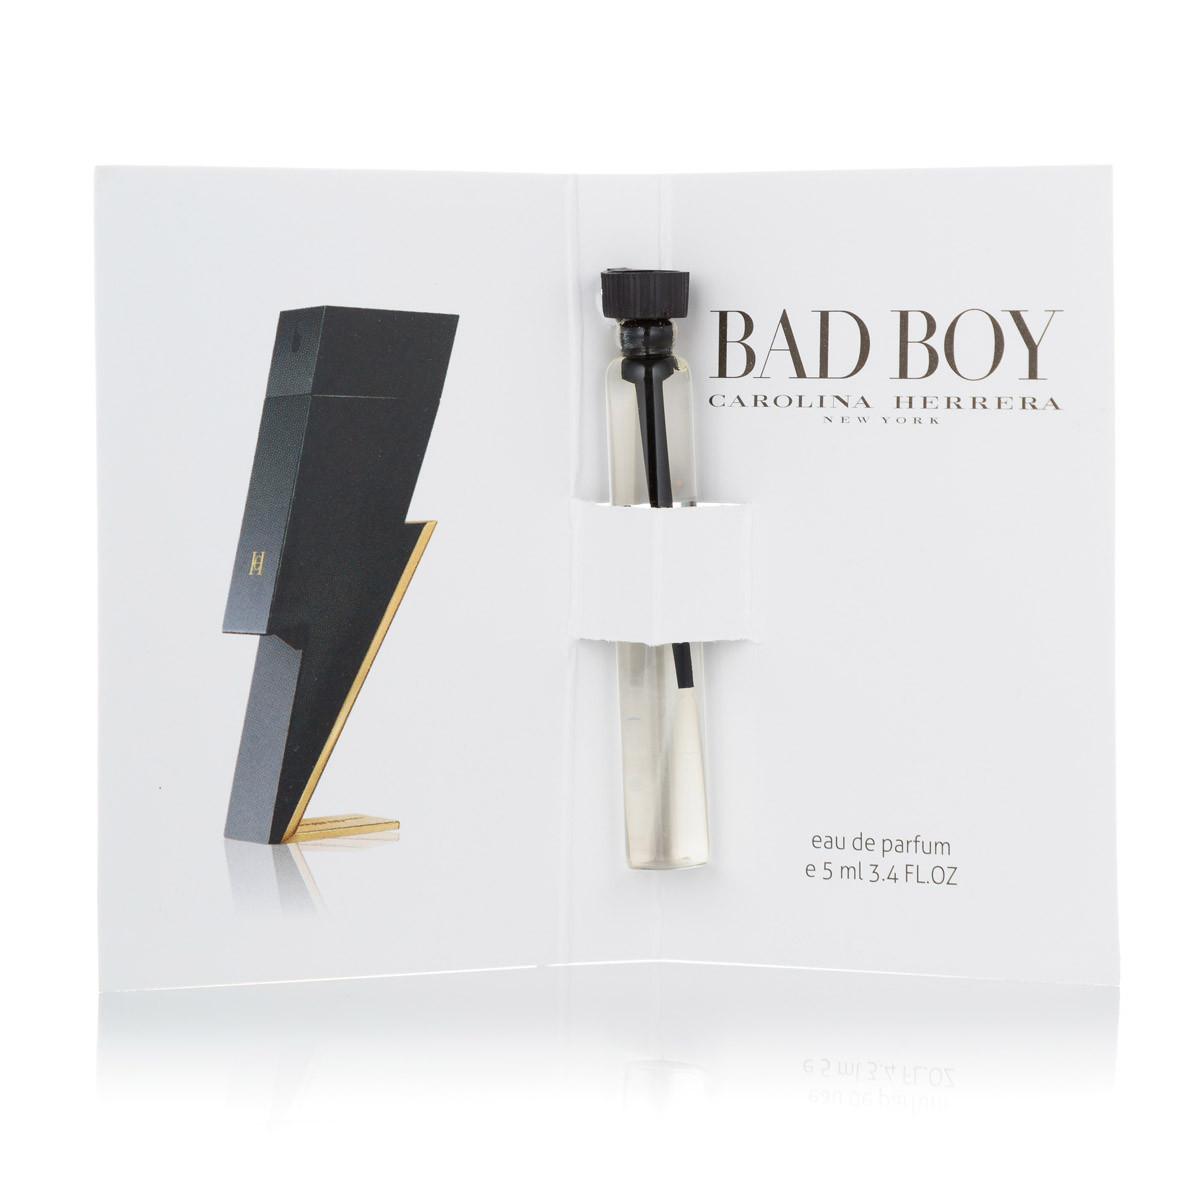 5 мл мини парфюм пробник Carolina Herrera Bad Boy - (М)